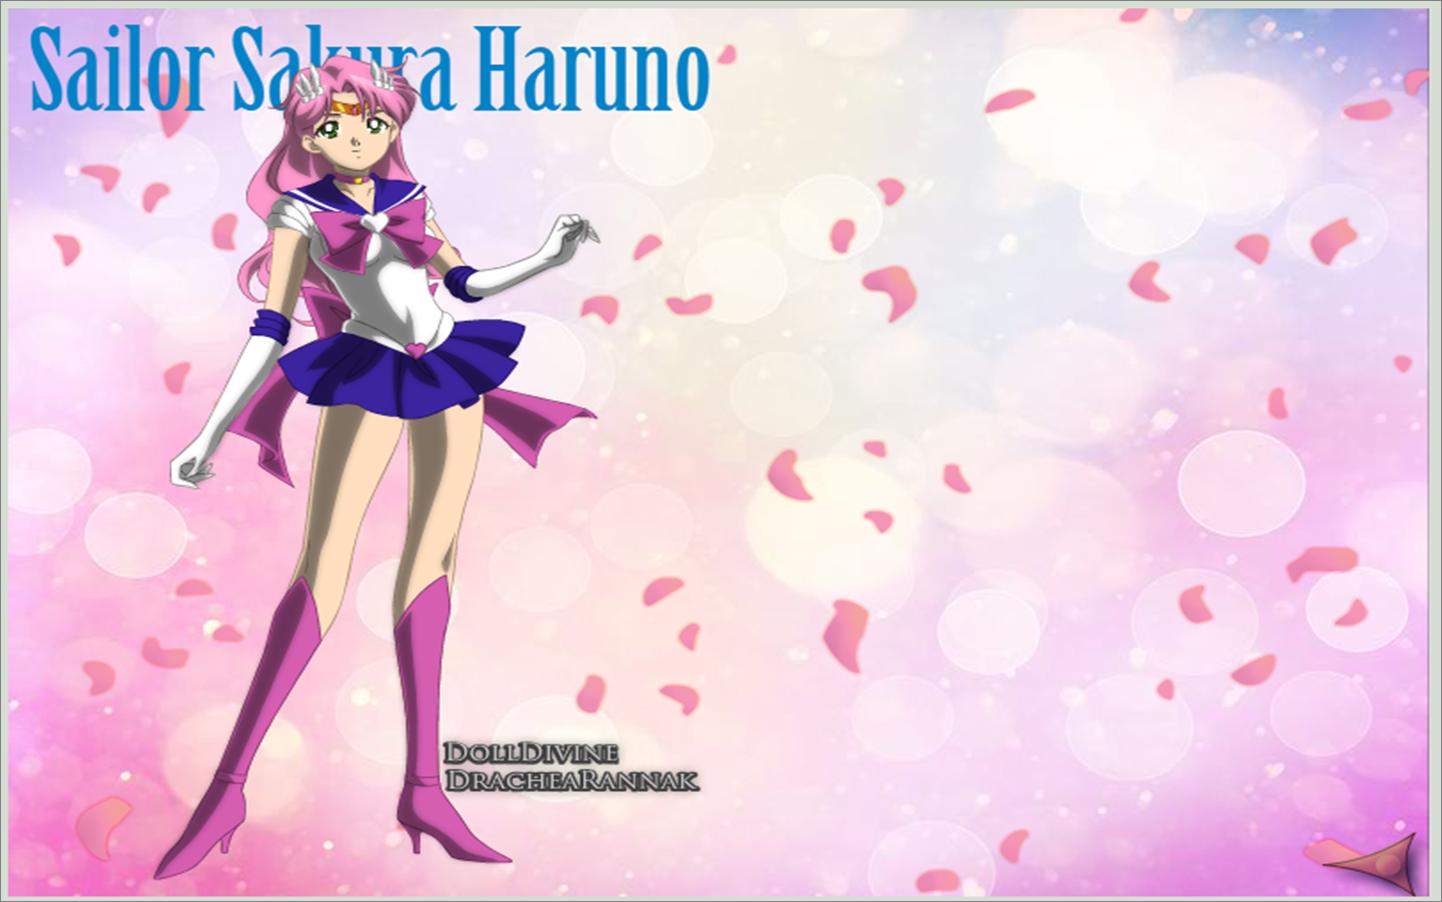 Sailor sakura haruno by nejiten7 on deviantart sailor sakura haruno by nejiten7 sailor sakura haruno by nejiten7 voltagebd Gallery